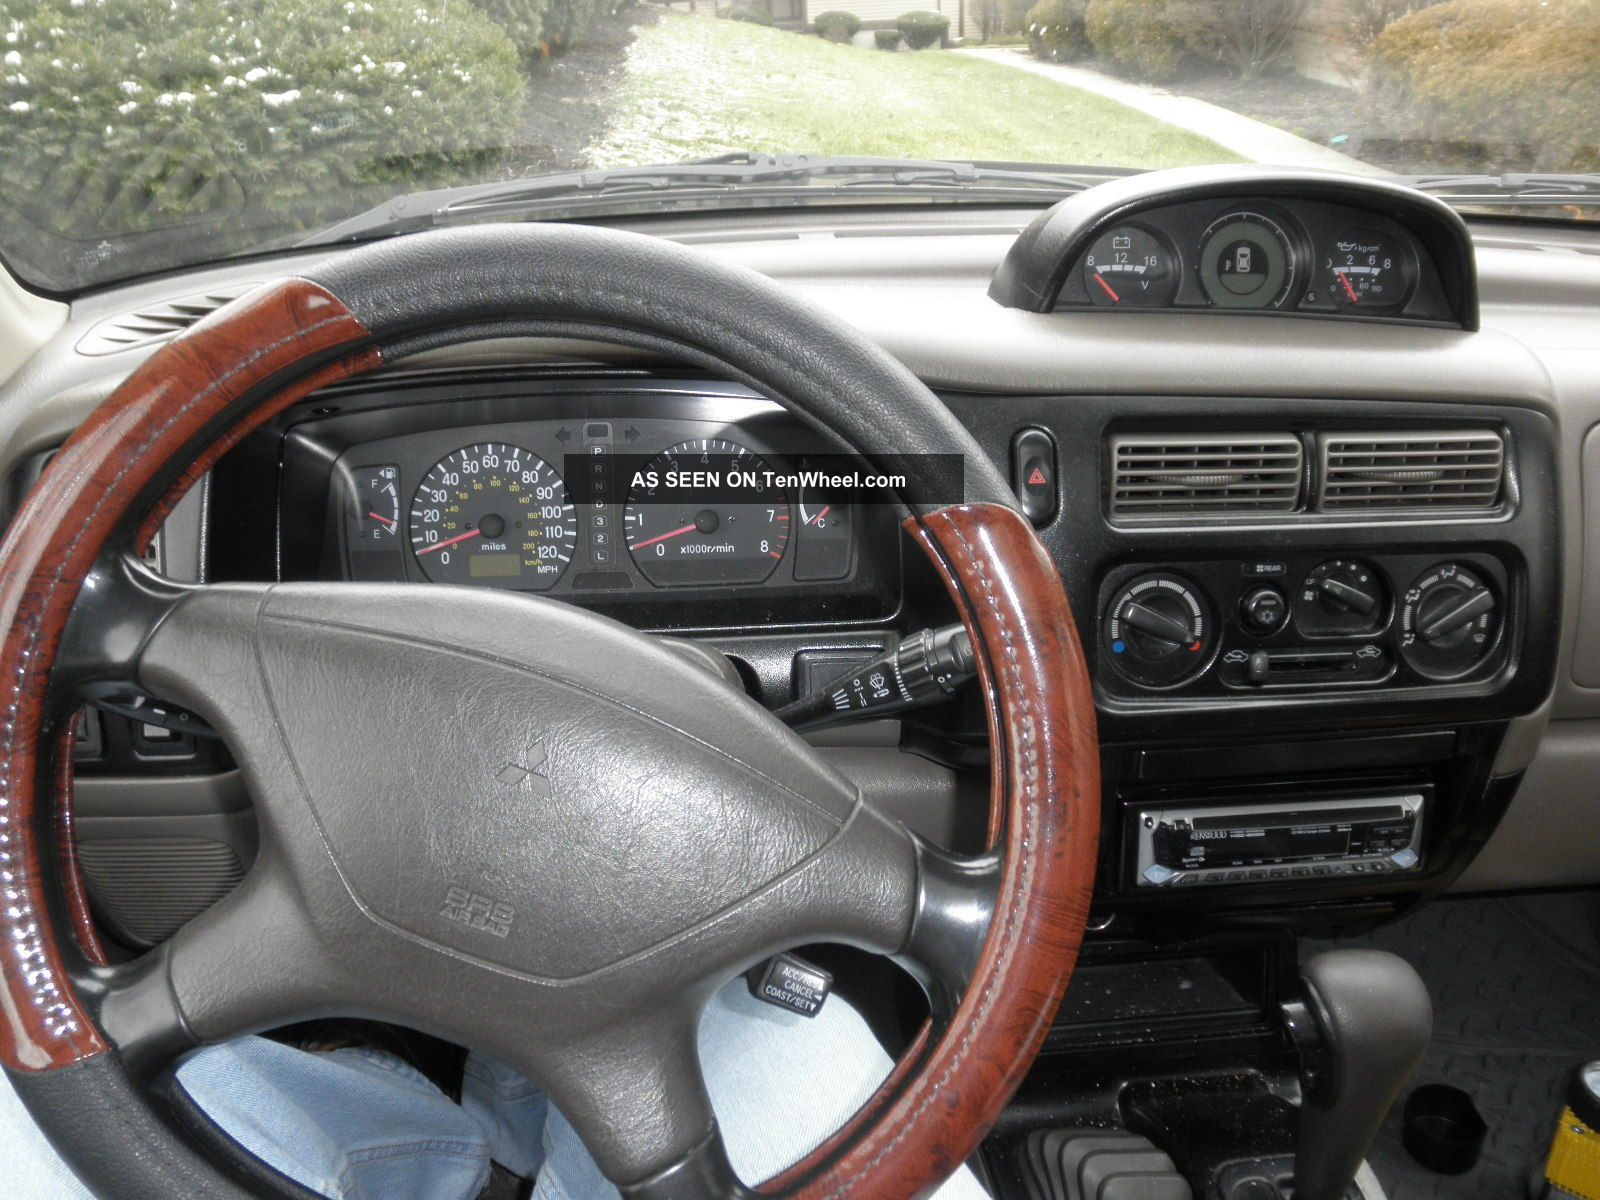 1998 mitsubishi montero 2 mitsubishi montero 2 - Mitsubishi Montero 1998